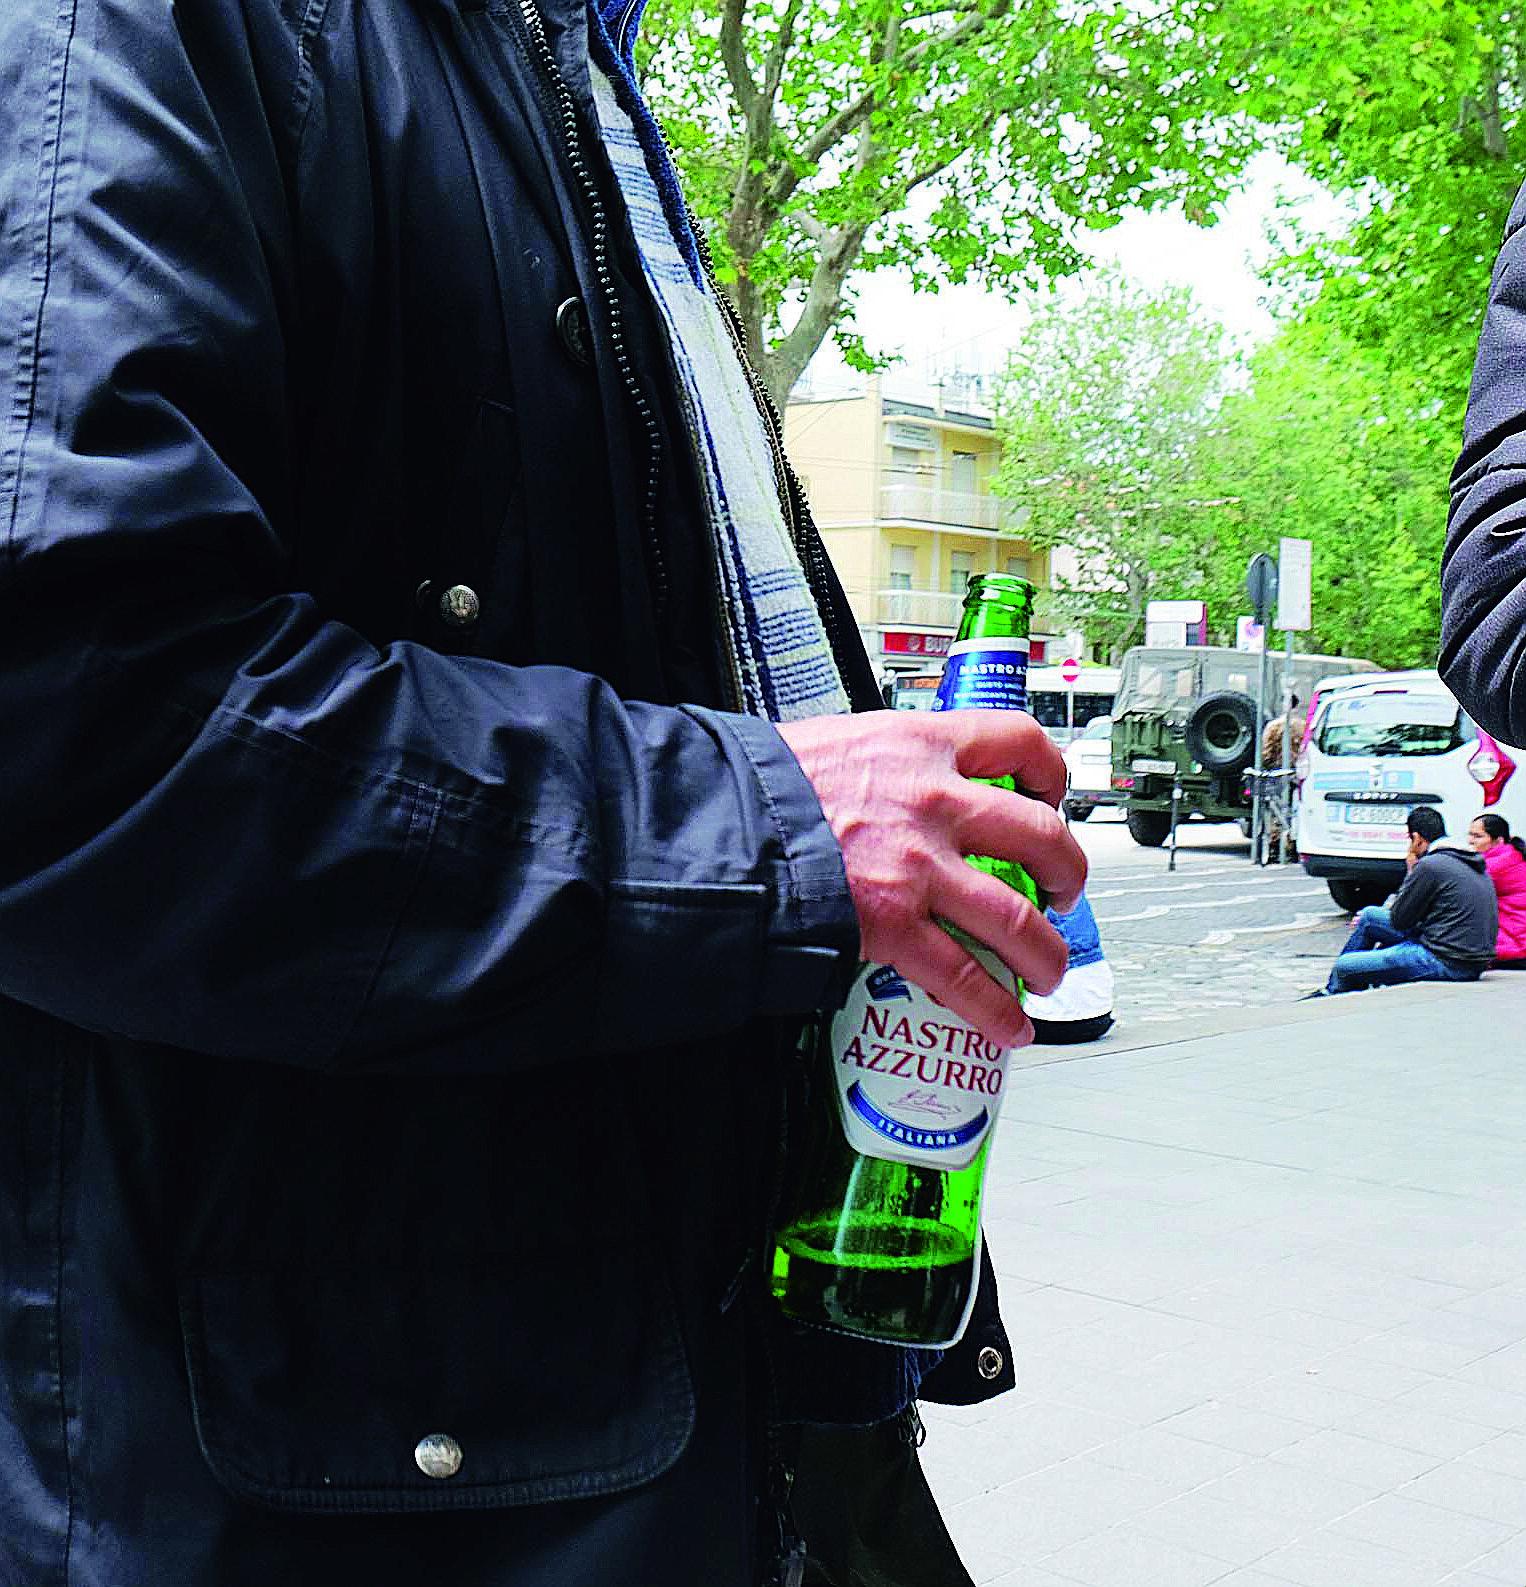 Ubriaco palpeggia la barista in un locale di Mezzano, arrestato